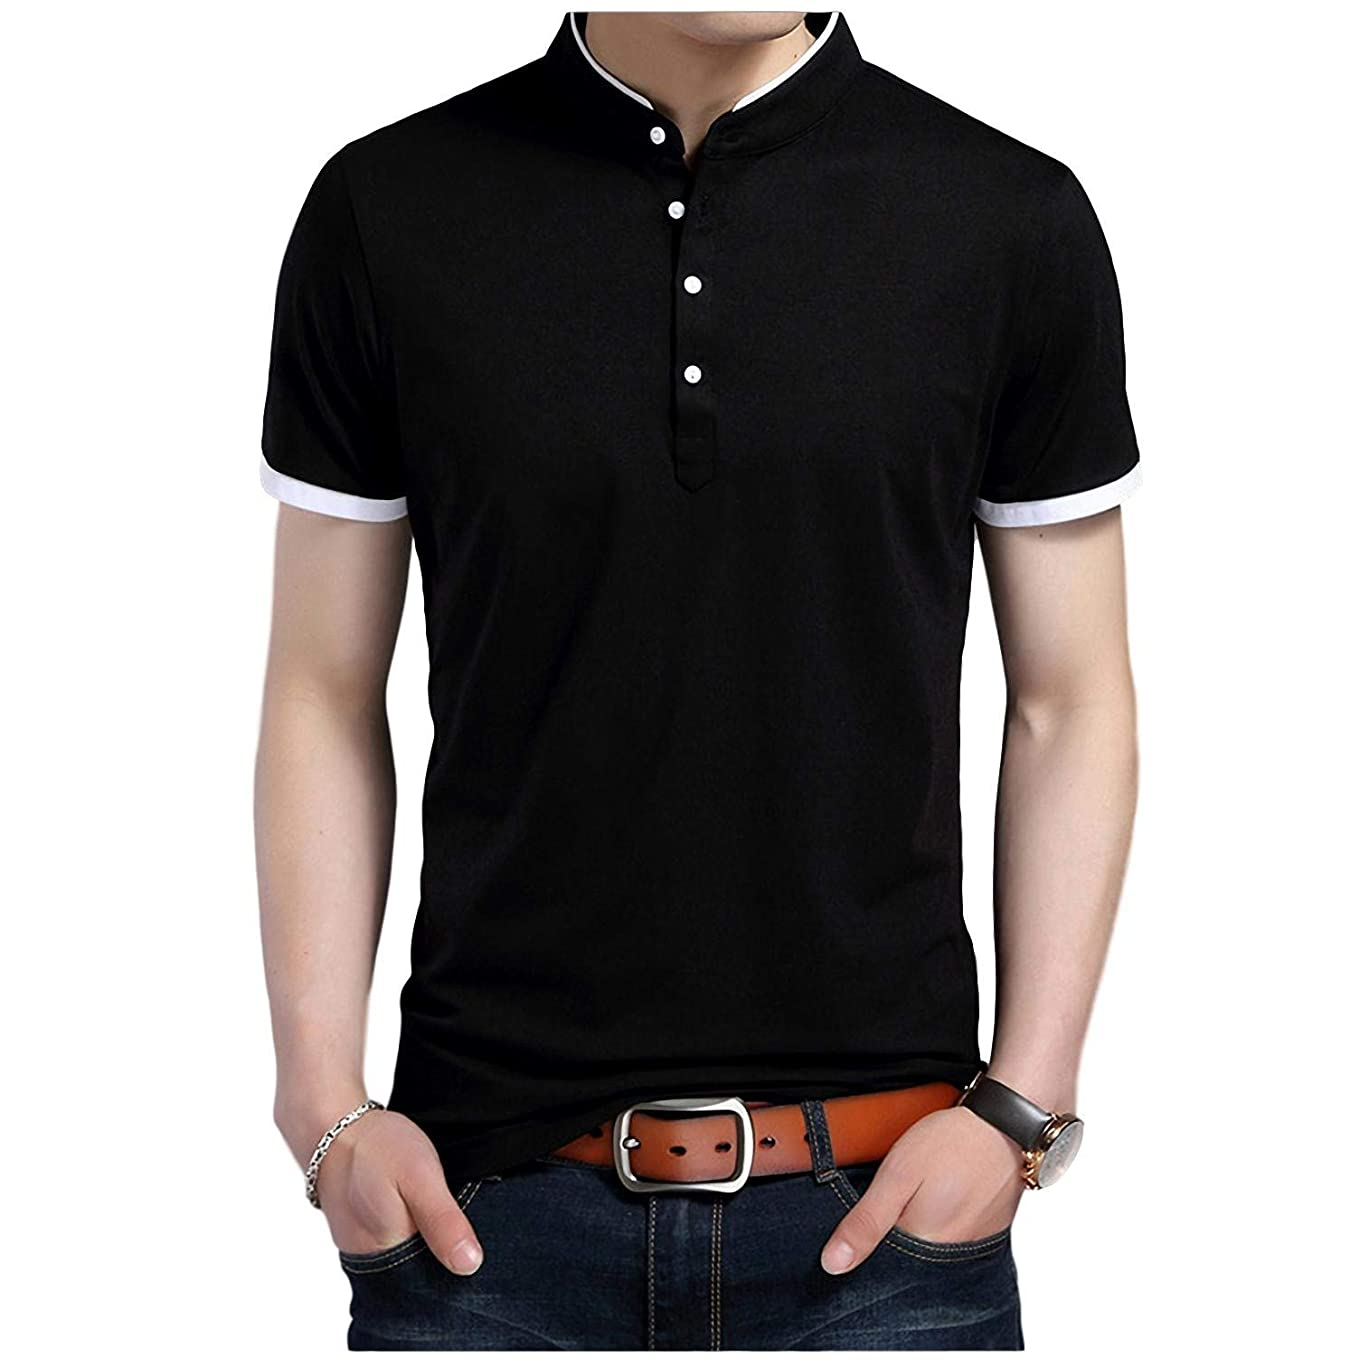 コークス初期の倉庫[Limore(リモア)] バンドカラー カジュアル ポロシャツ シンプル デザイン 立ち襟 半袖 シャツ メンズ